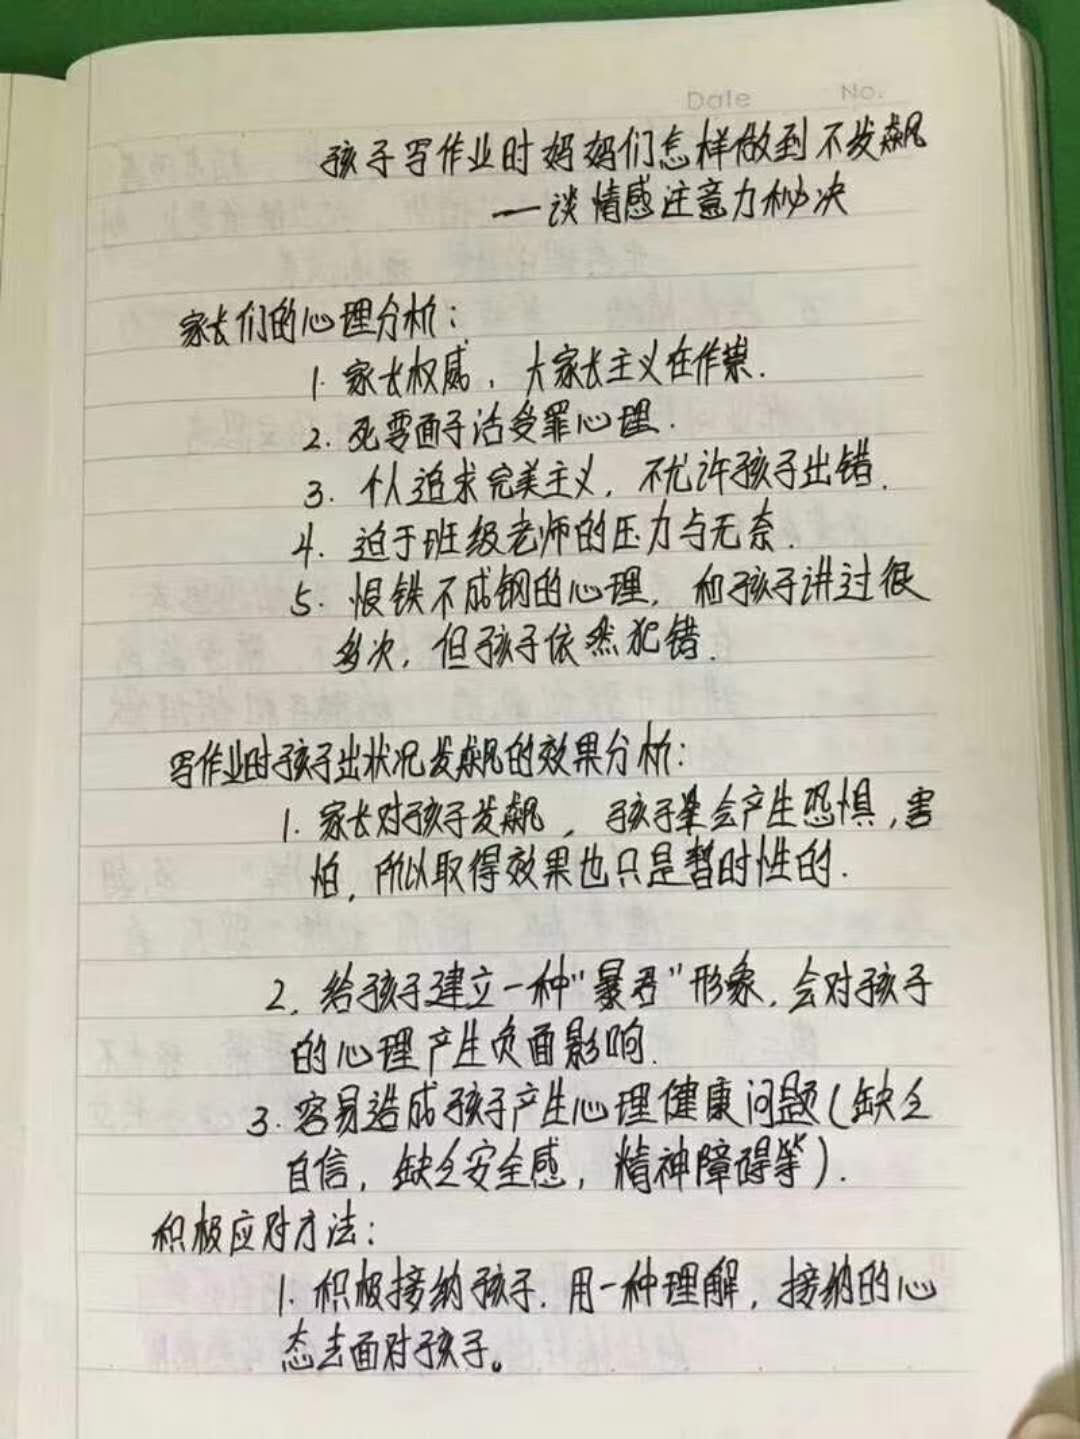 今天, 贝尔安亲衡阳华新小学校区安亲老师的《妈妈在孩子写作业时如何